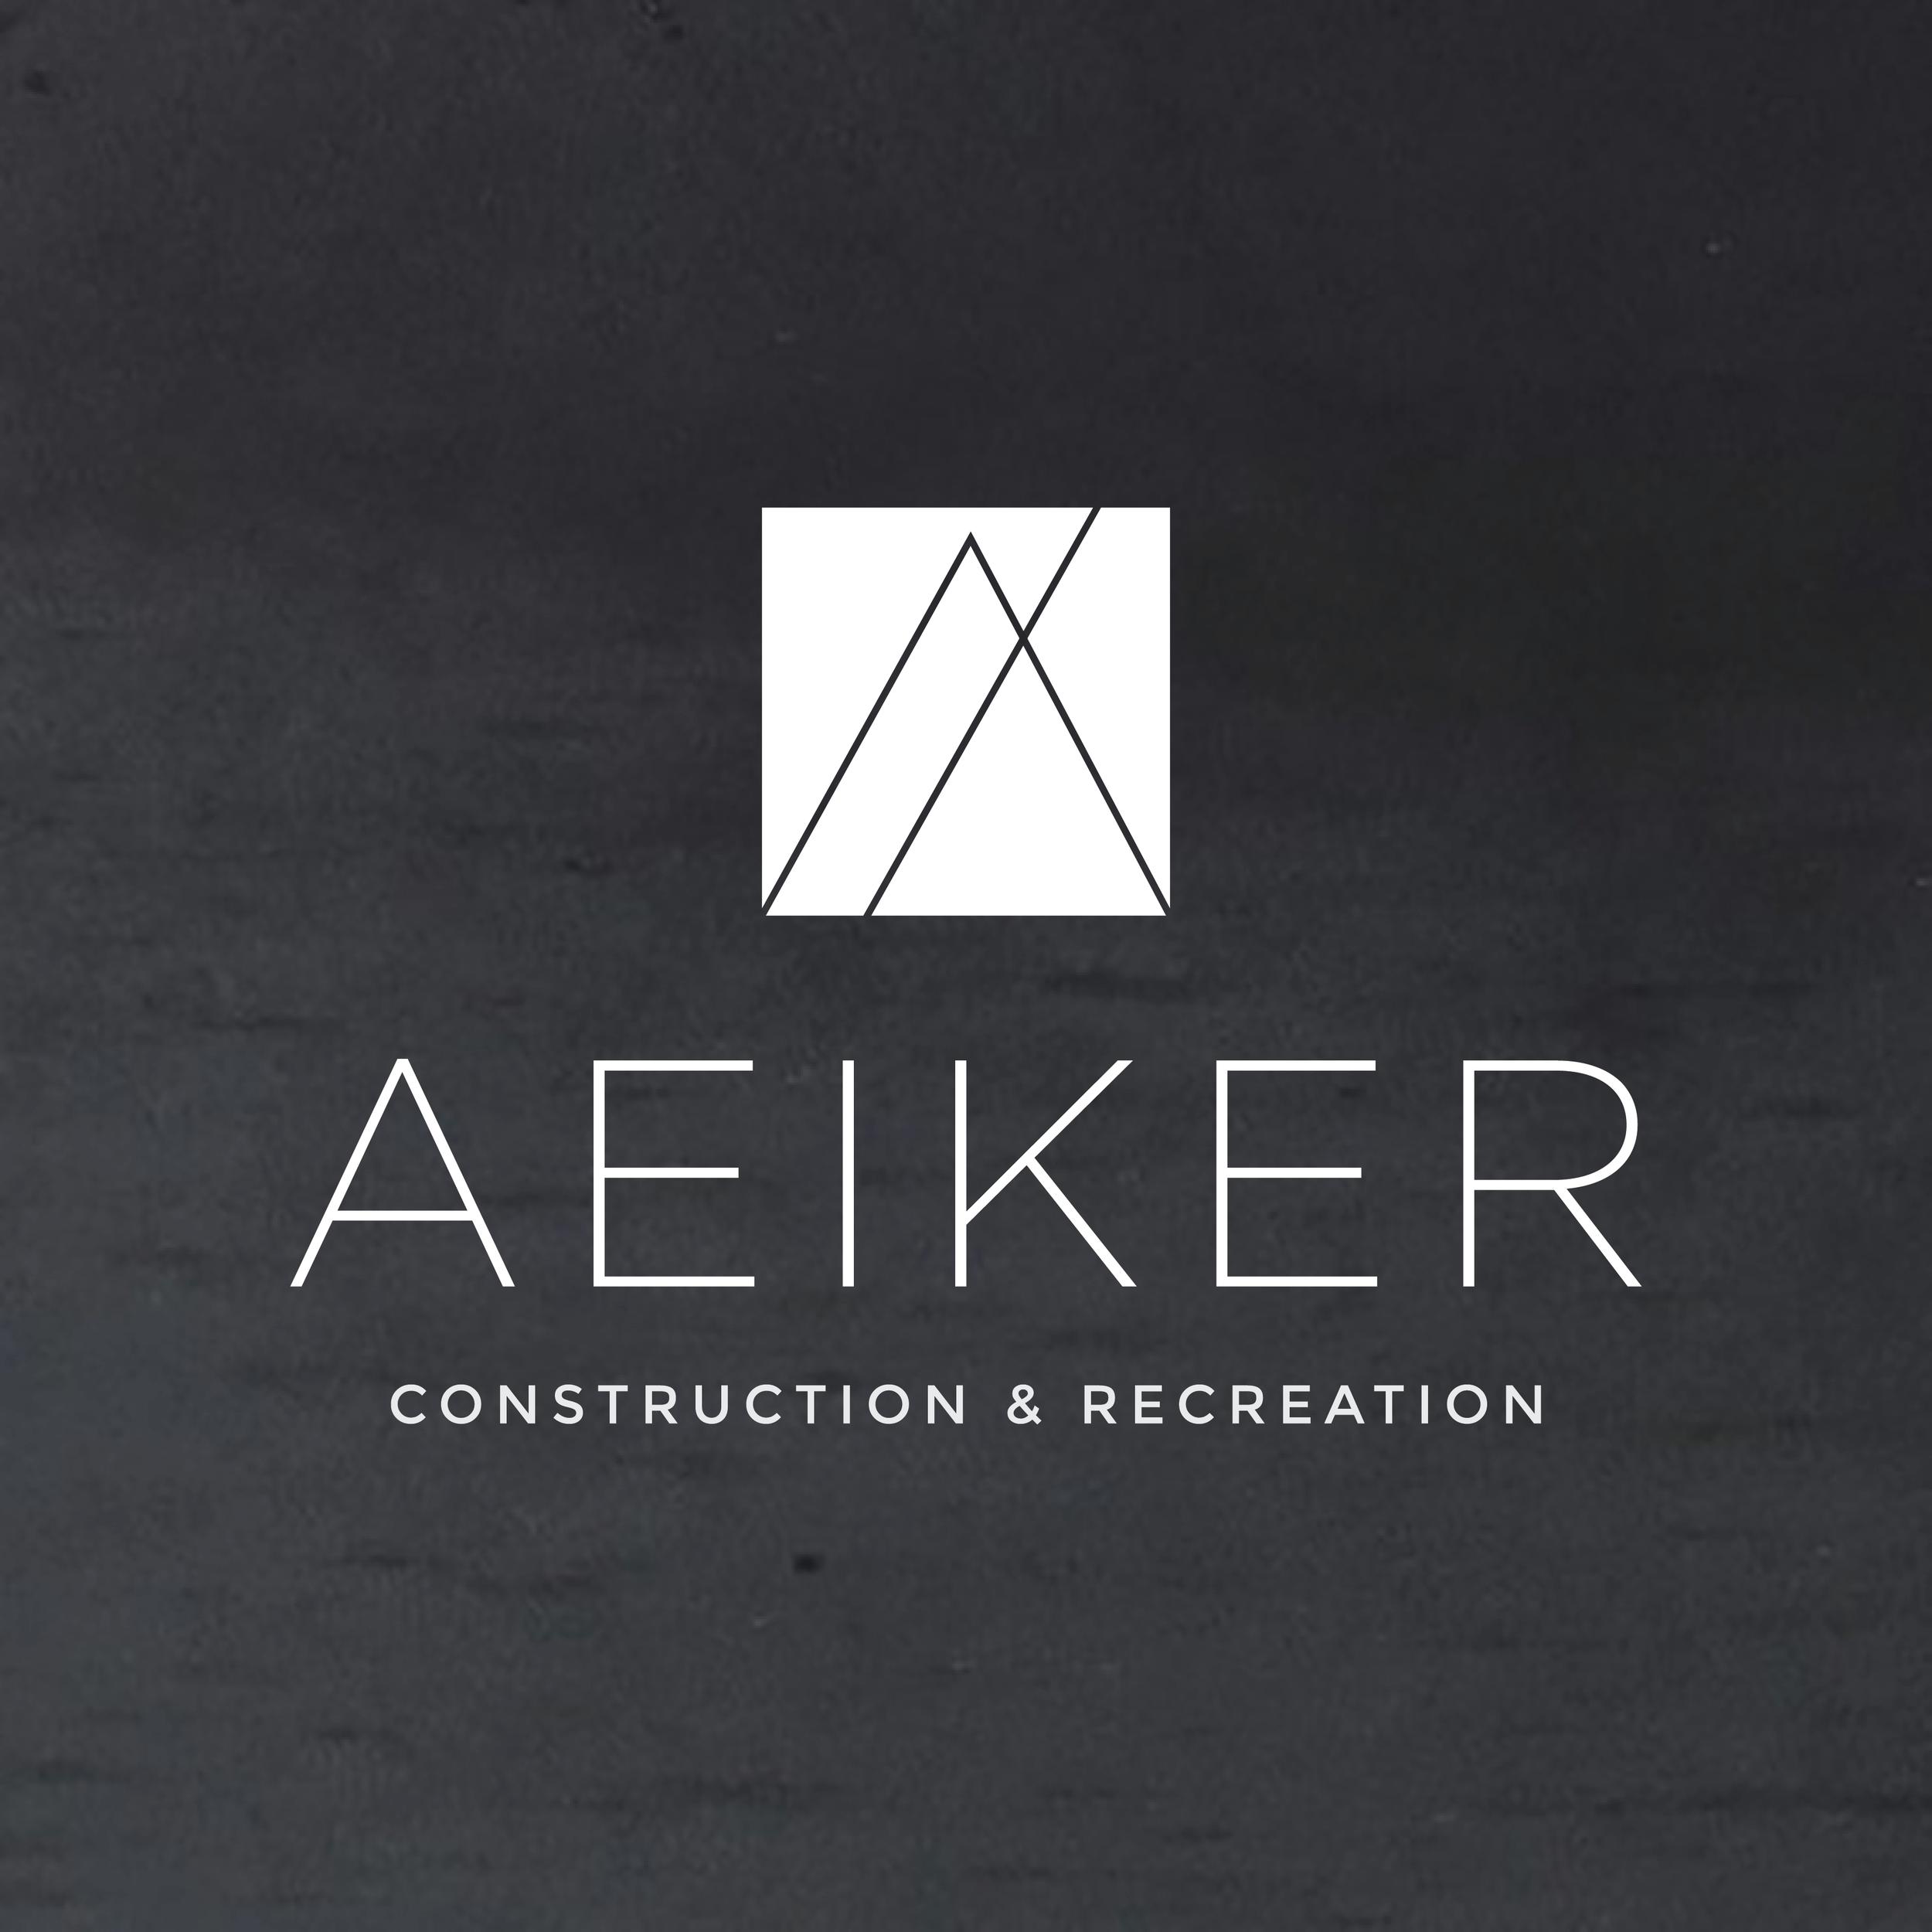 A  e  iker Construction & Recreation    b  rand